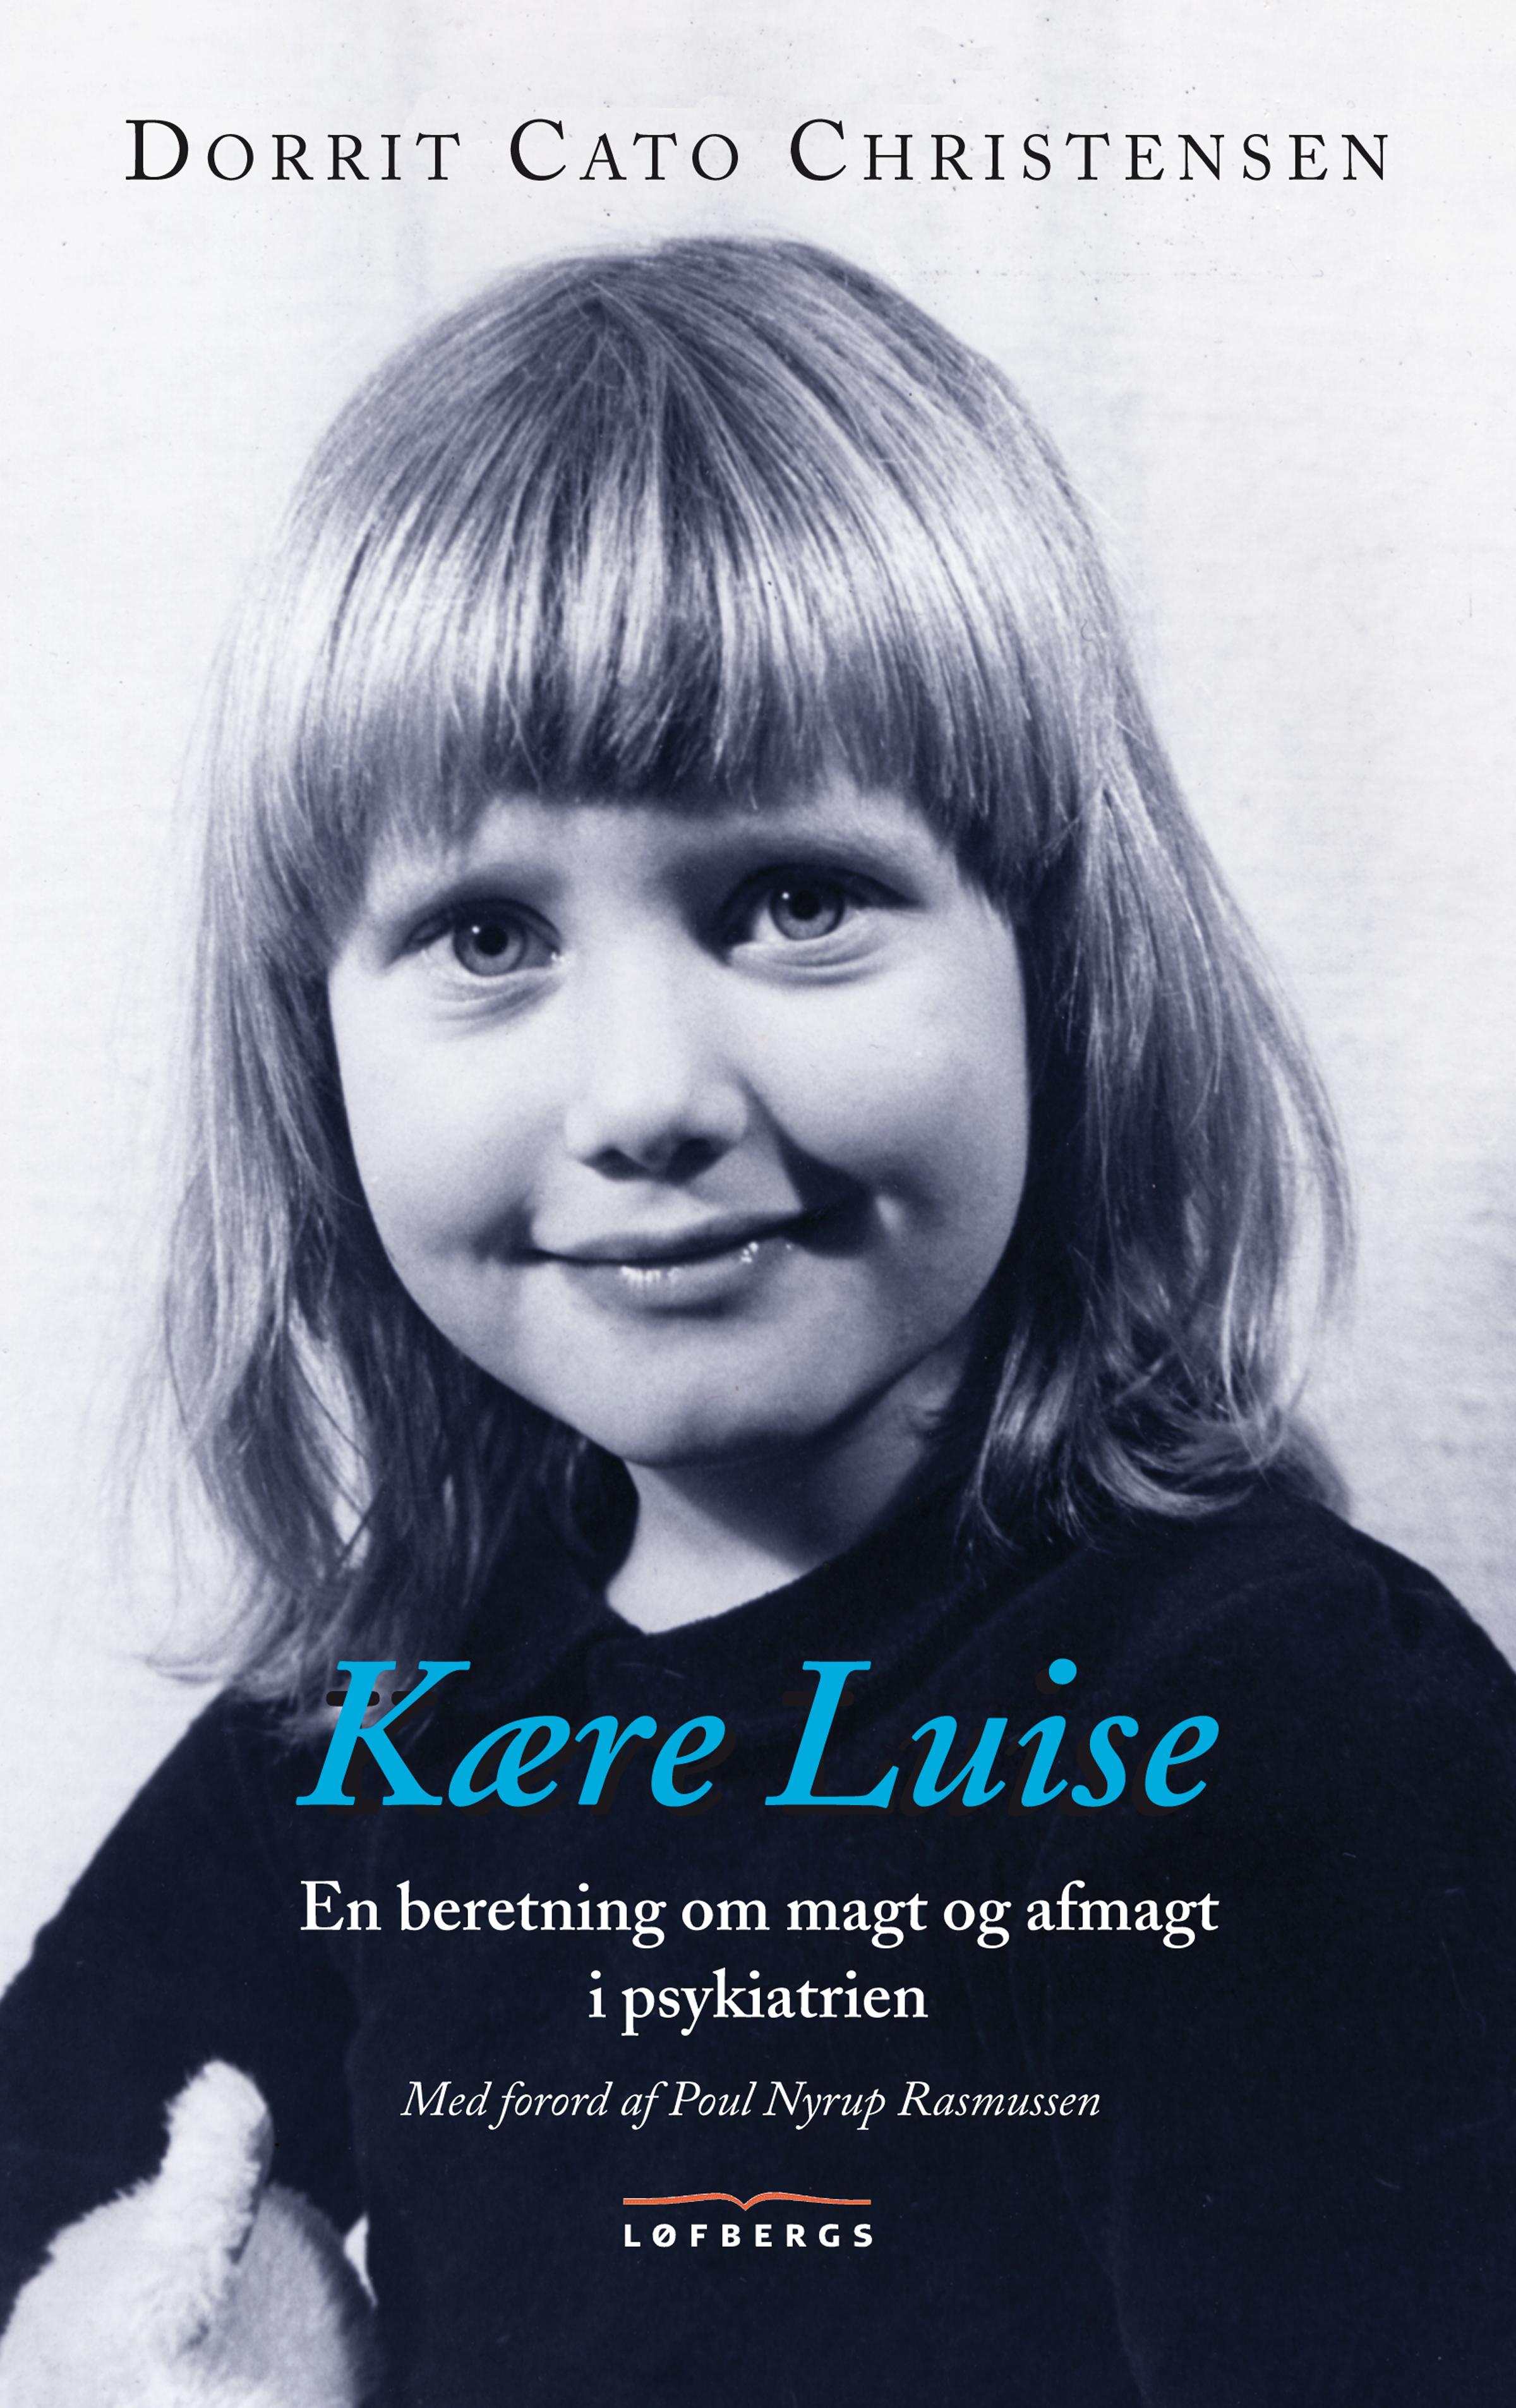 Kære luise - e-bog fra N/A på bog & mystik